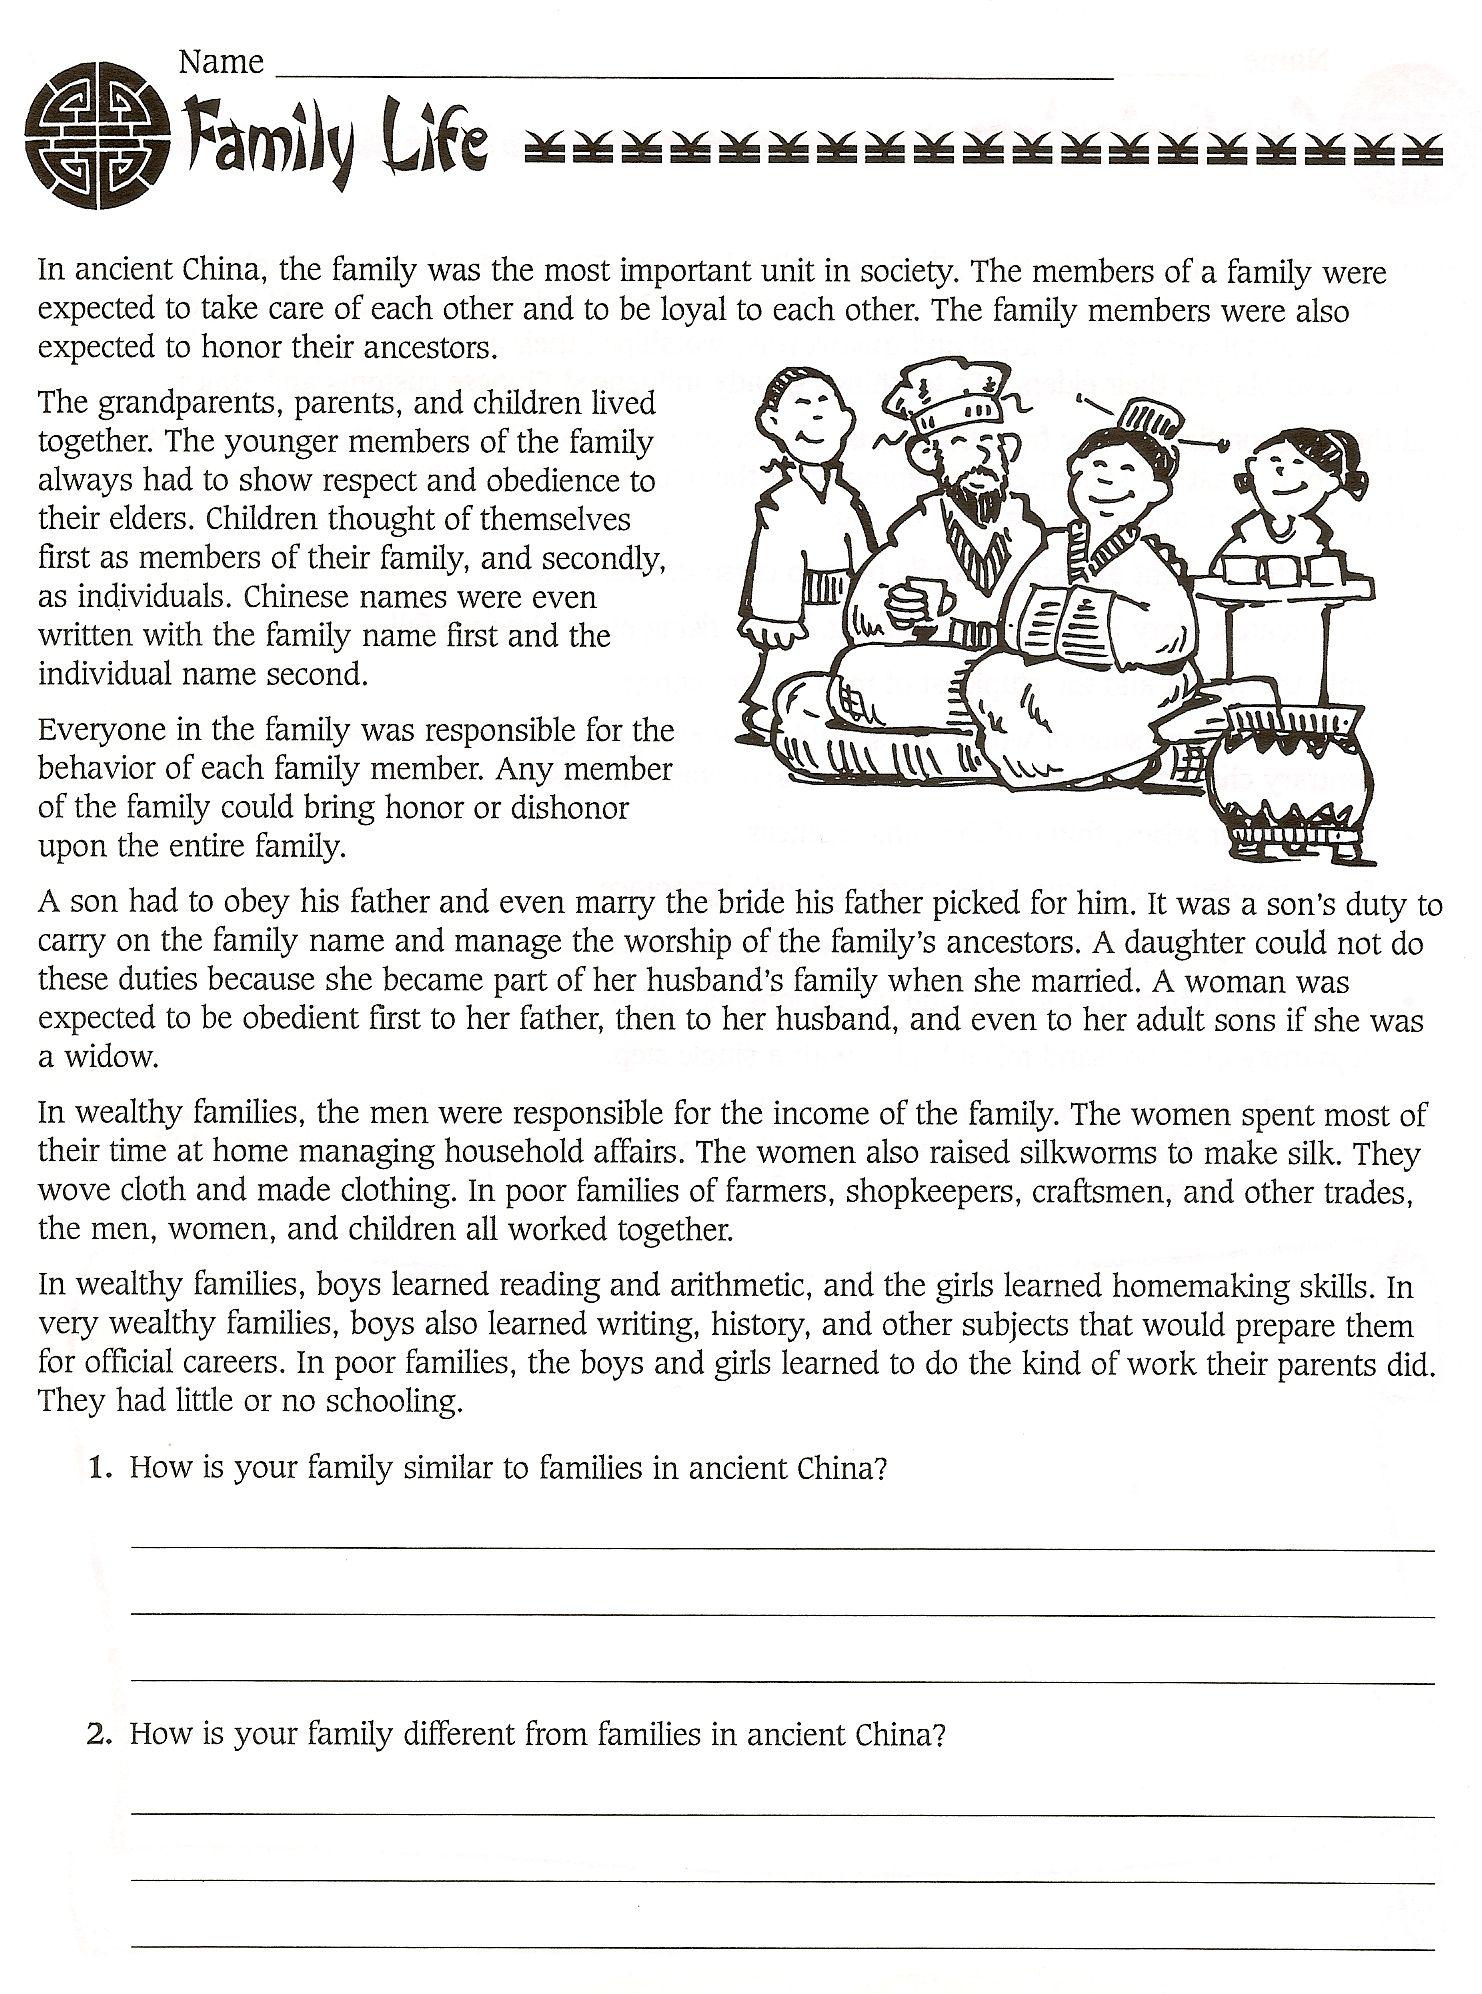 6Th Grade Social Studies Ancient China Worksheets - Free | Great Wall Of China Printable Worksheet